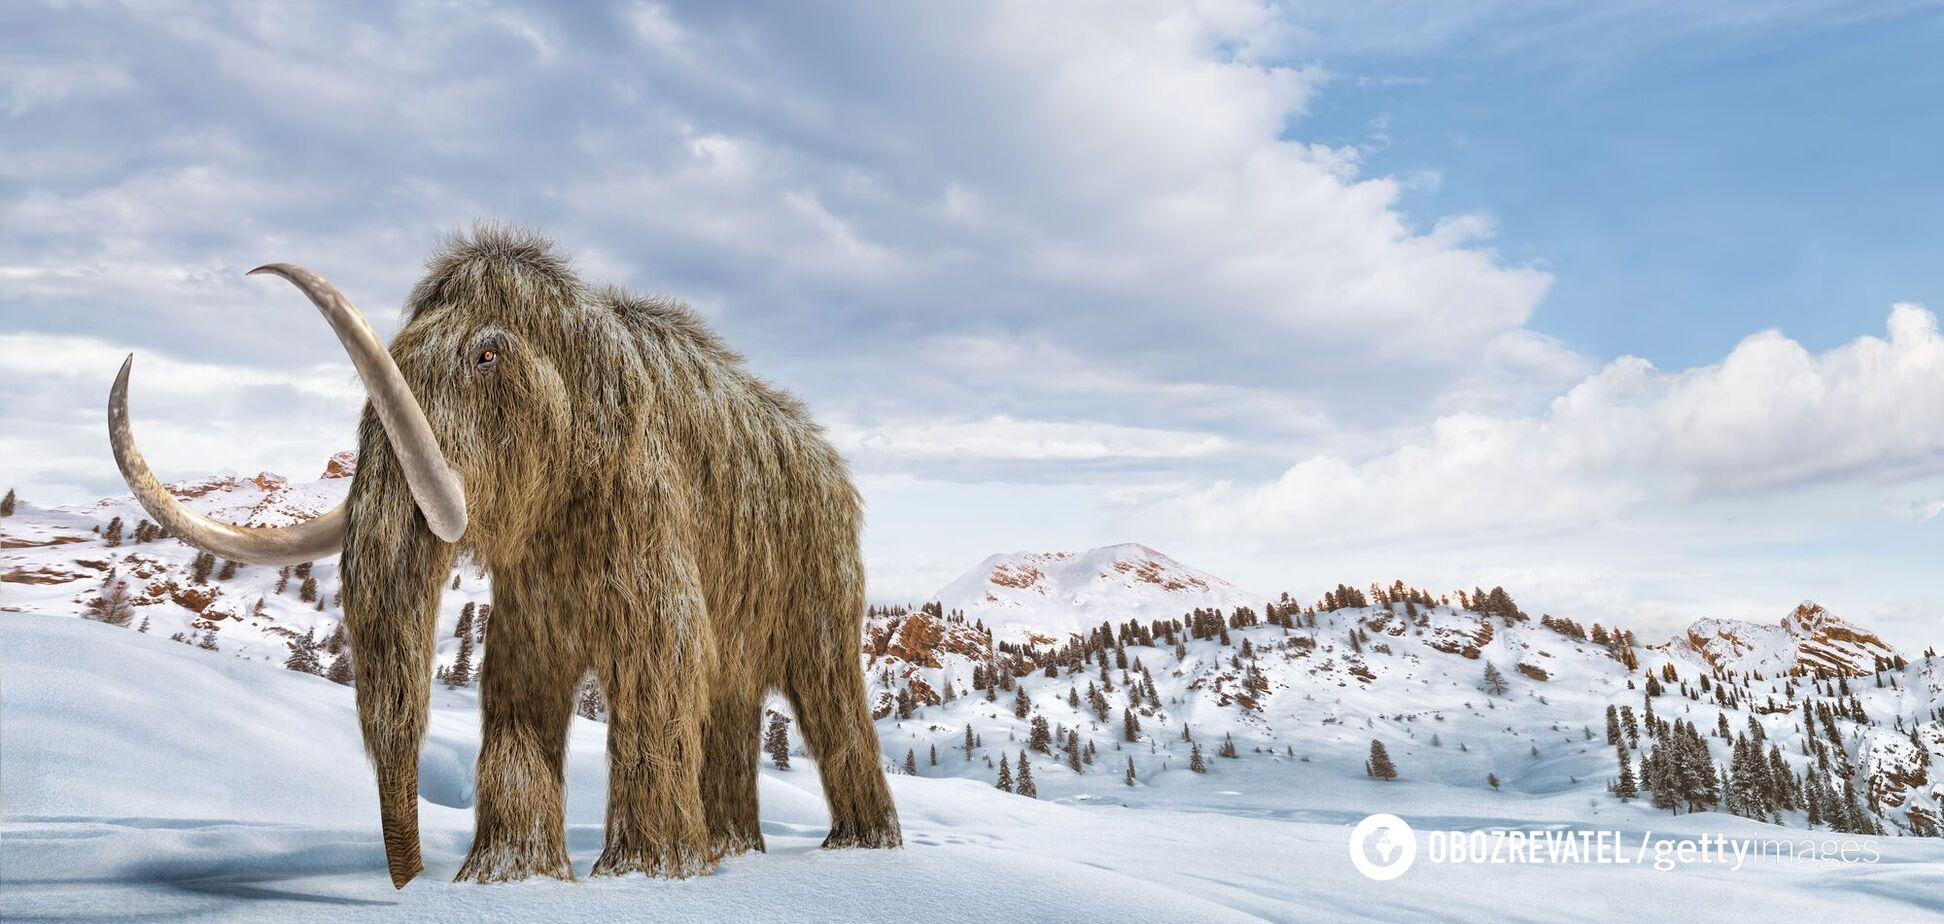 Вчені з'ясували, що мамонти вимерли через зміни клімату